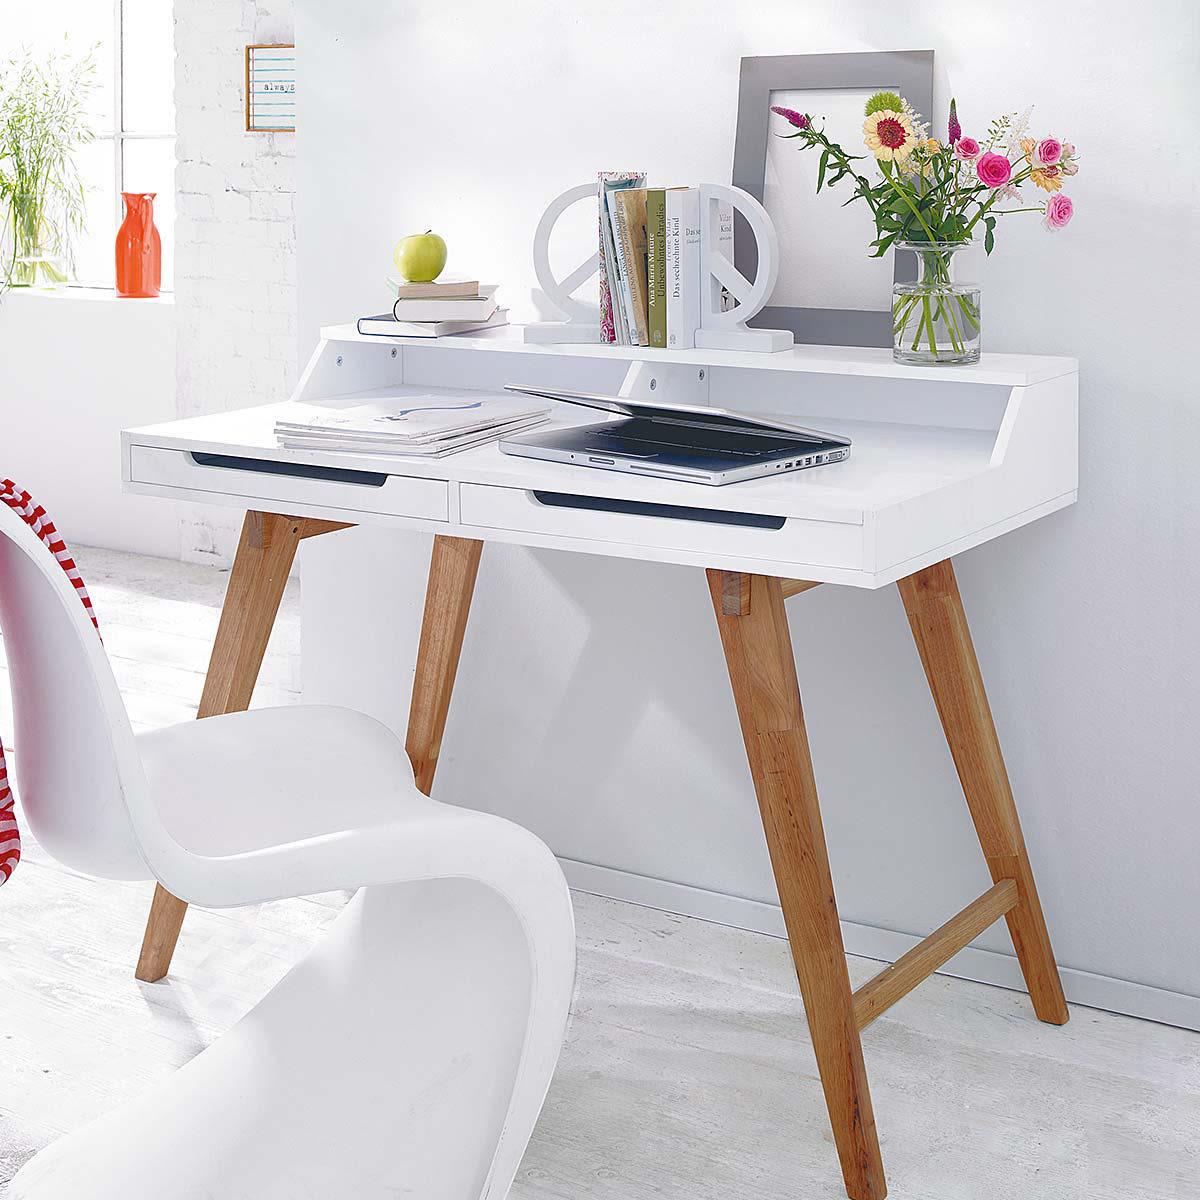 impressionen m bel badezimmer schlafzimmer sessel m bel design ideen. Black Bedroom Furniture Sets. Home Design Ideas